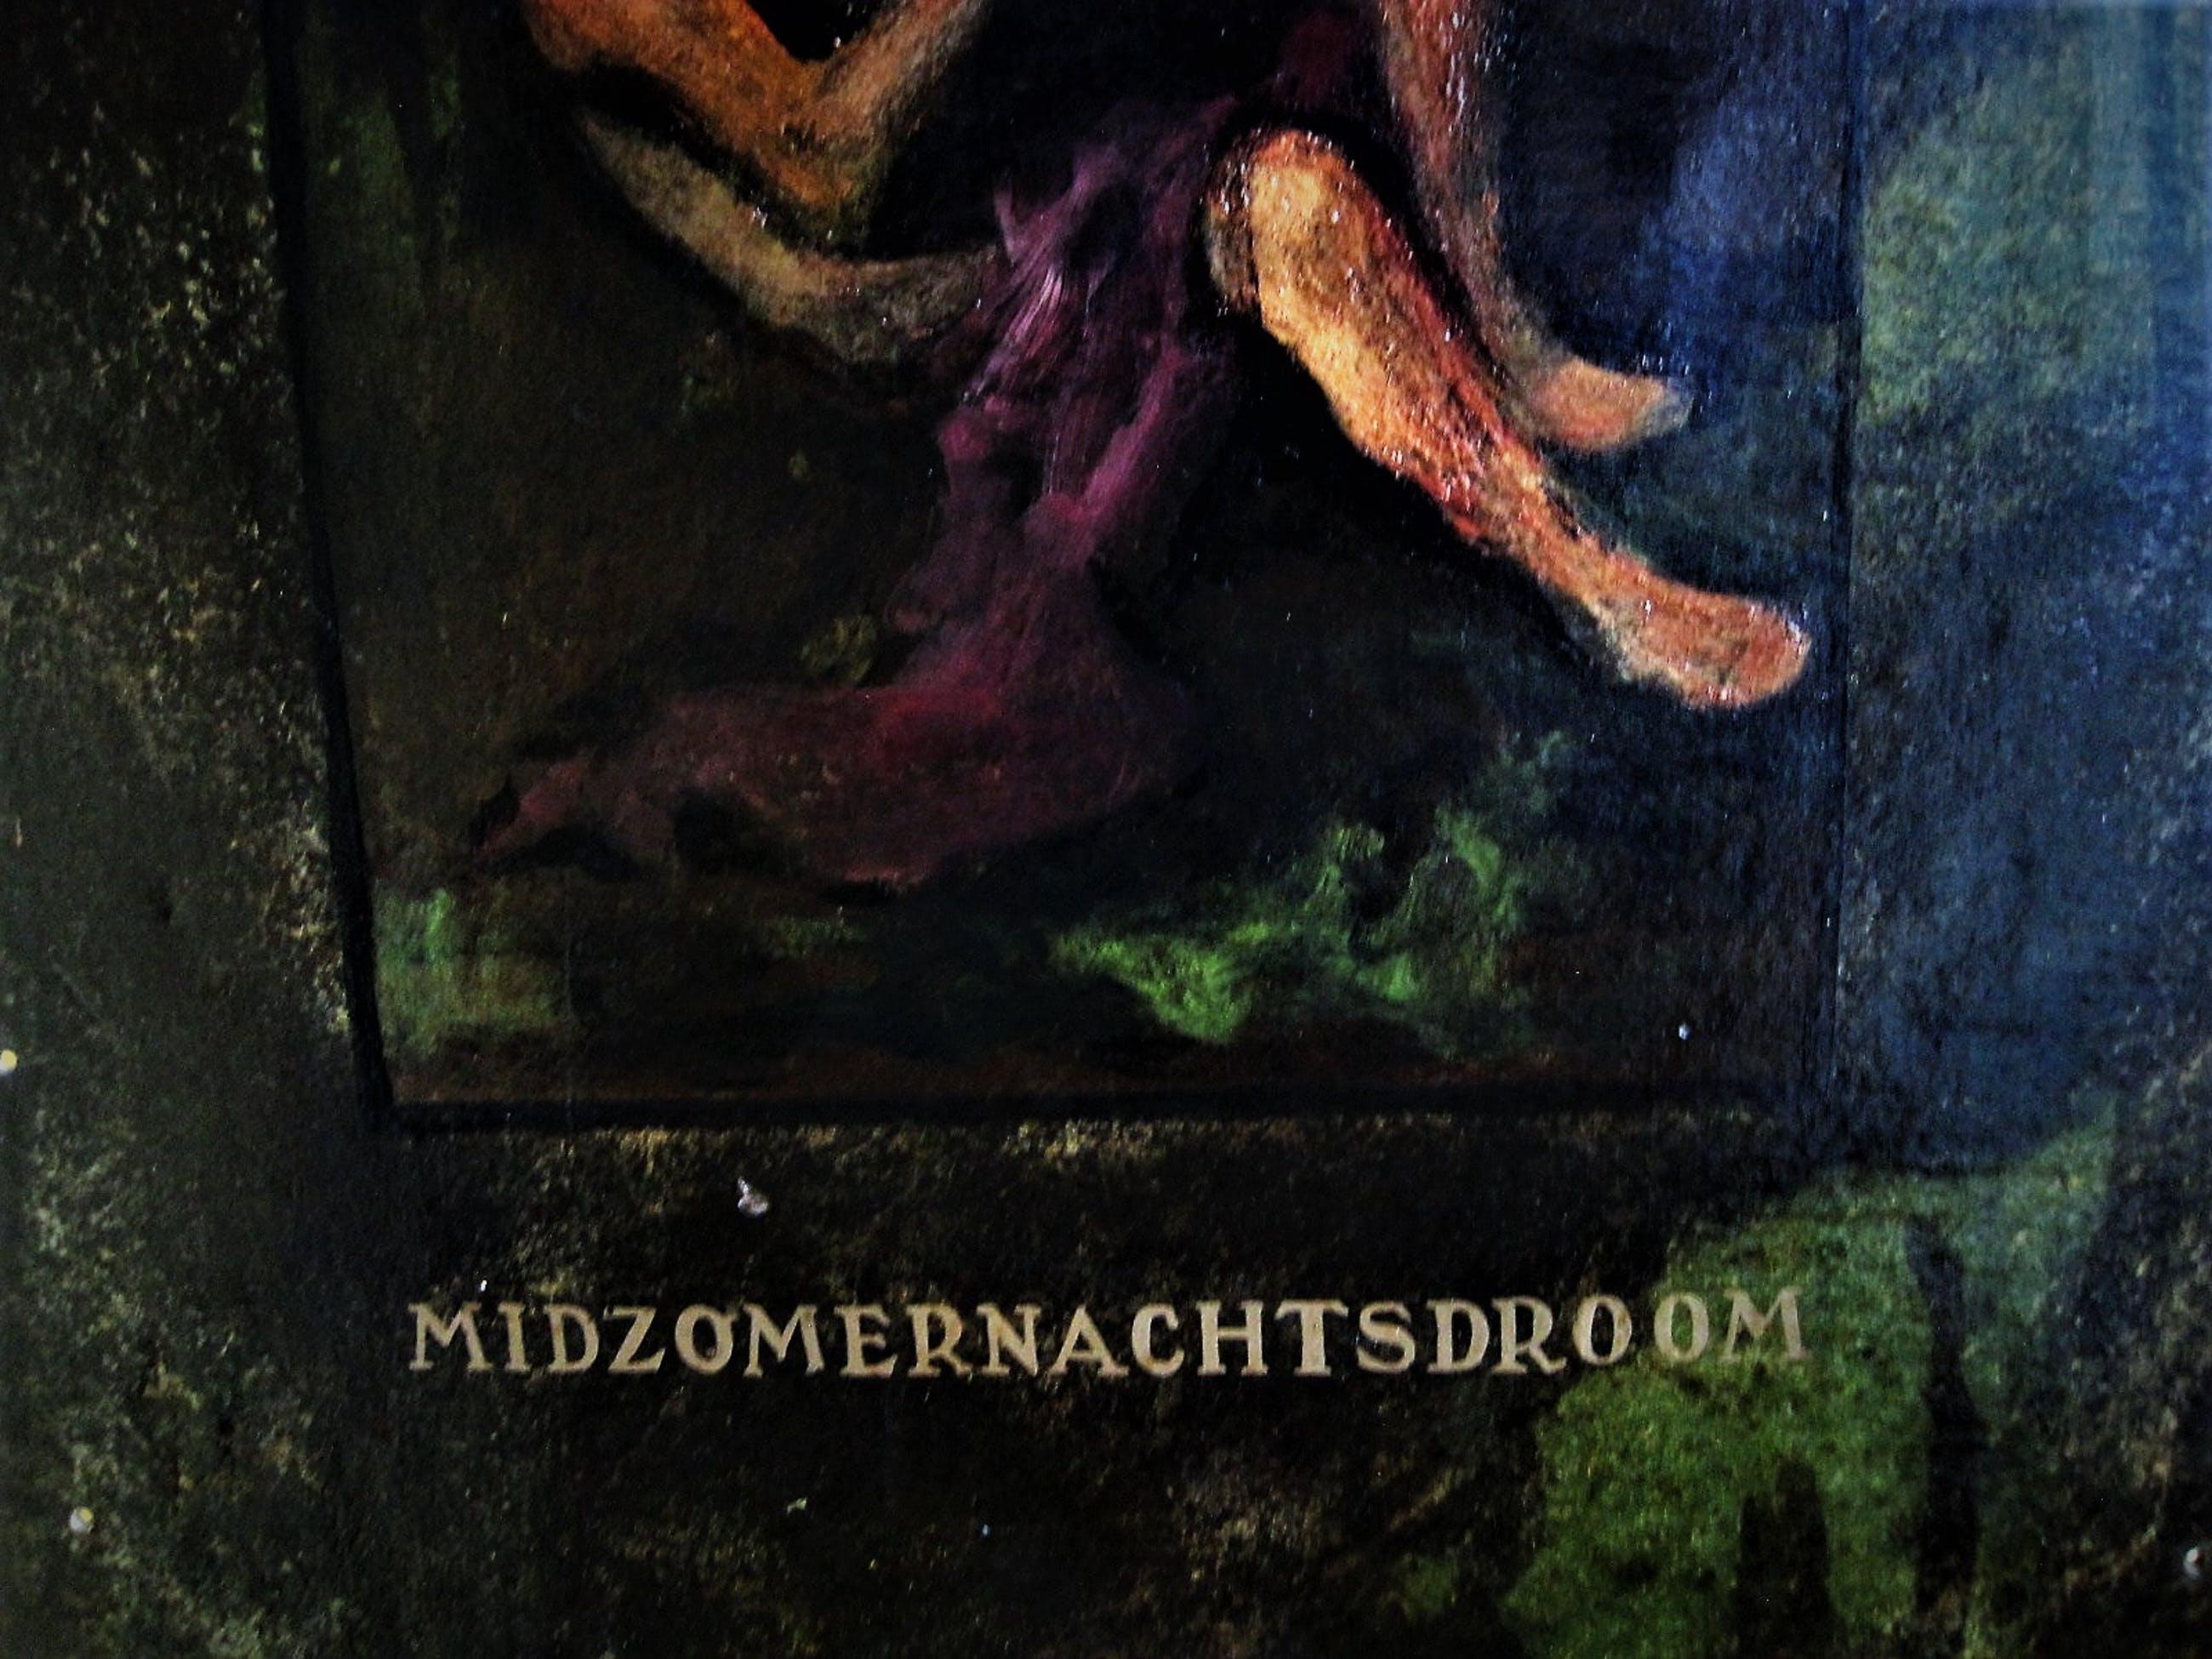 """Niet of onleesbaar gesigneerd - Indrukwekkend groot impressionistisch Olieverf op metaal """"Midzomernachtsdroom"""" kopen? Bied vanaf 10!"""